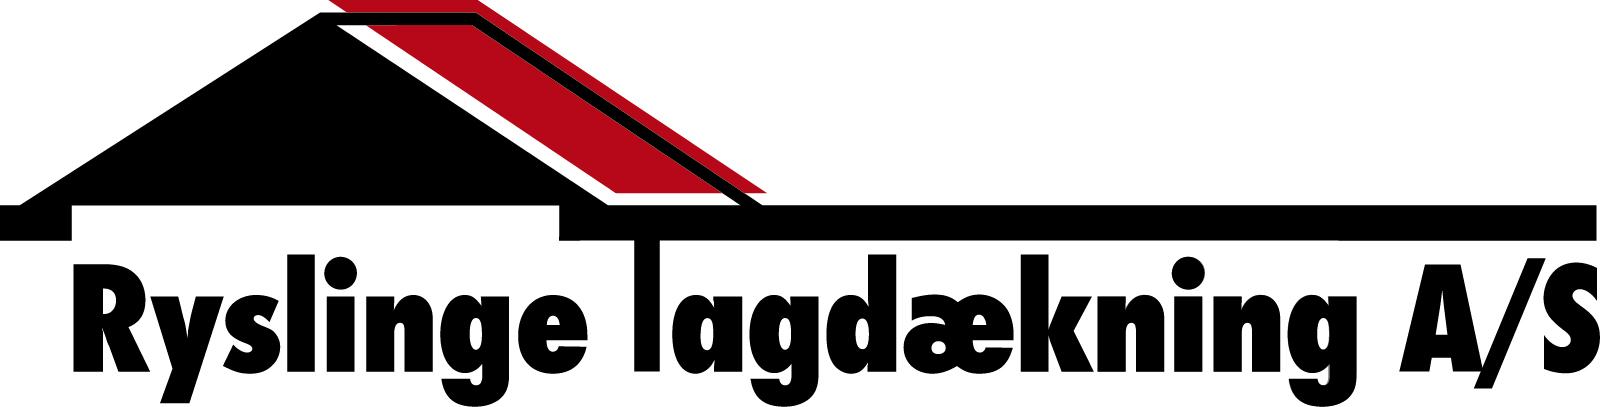 Ryslinge Tagdækning A-S Logo